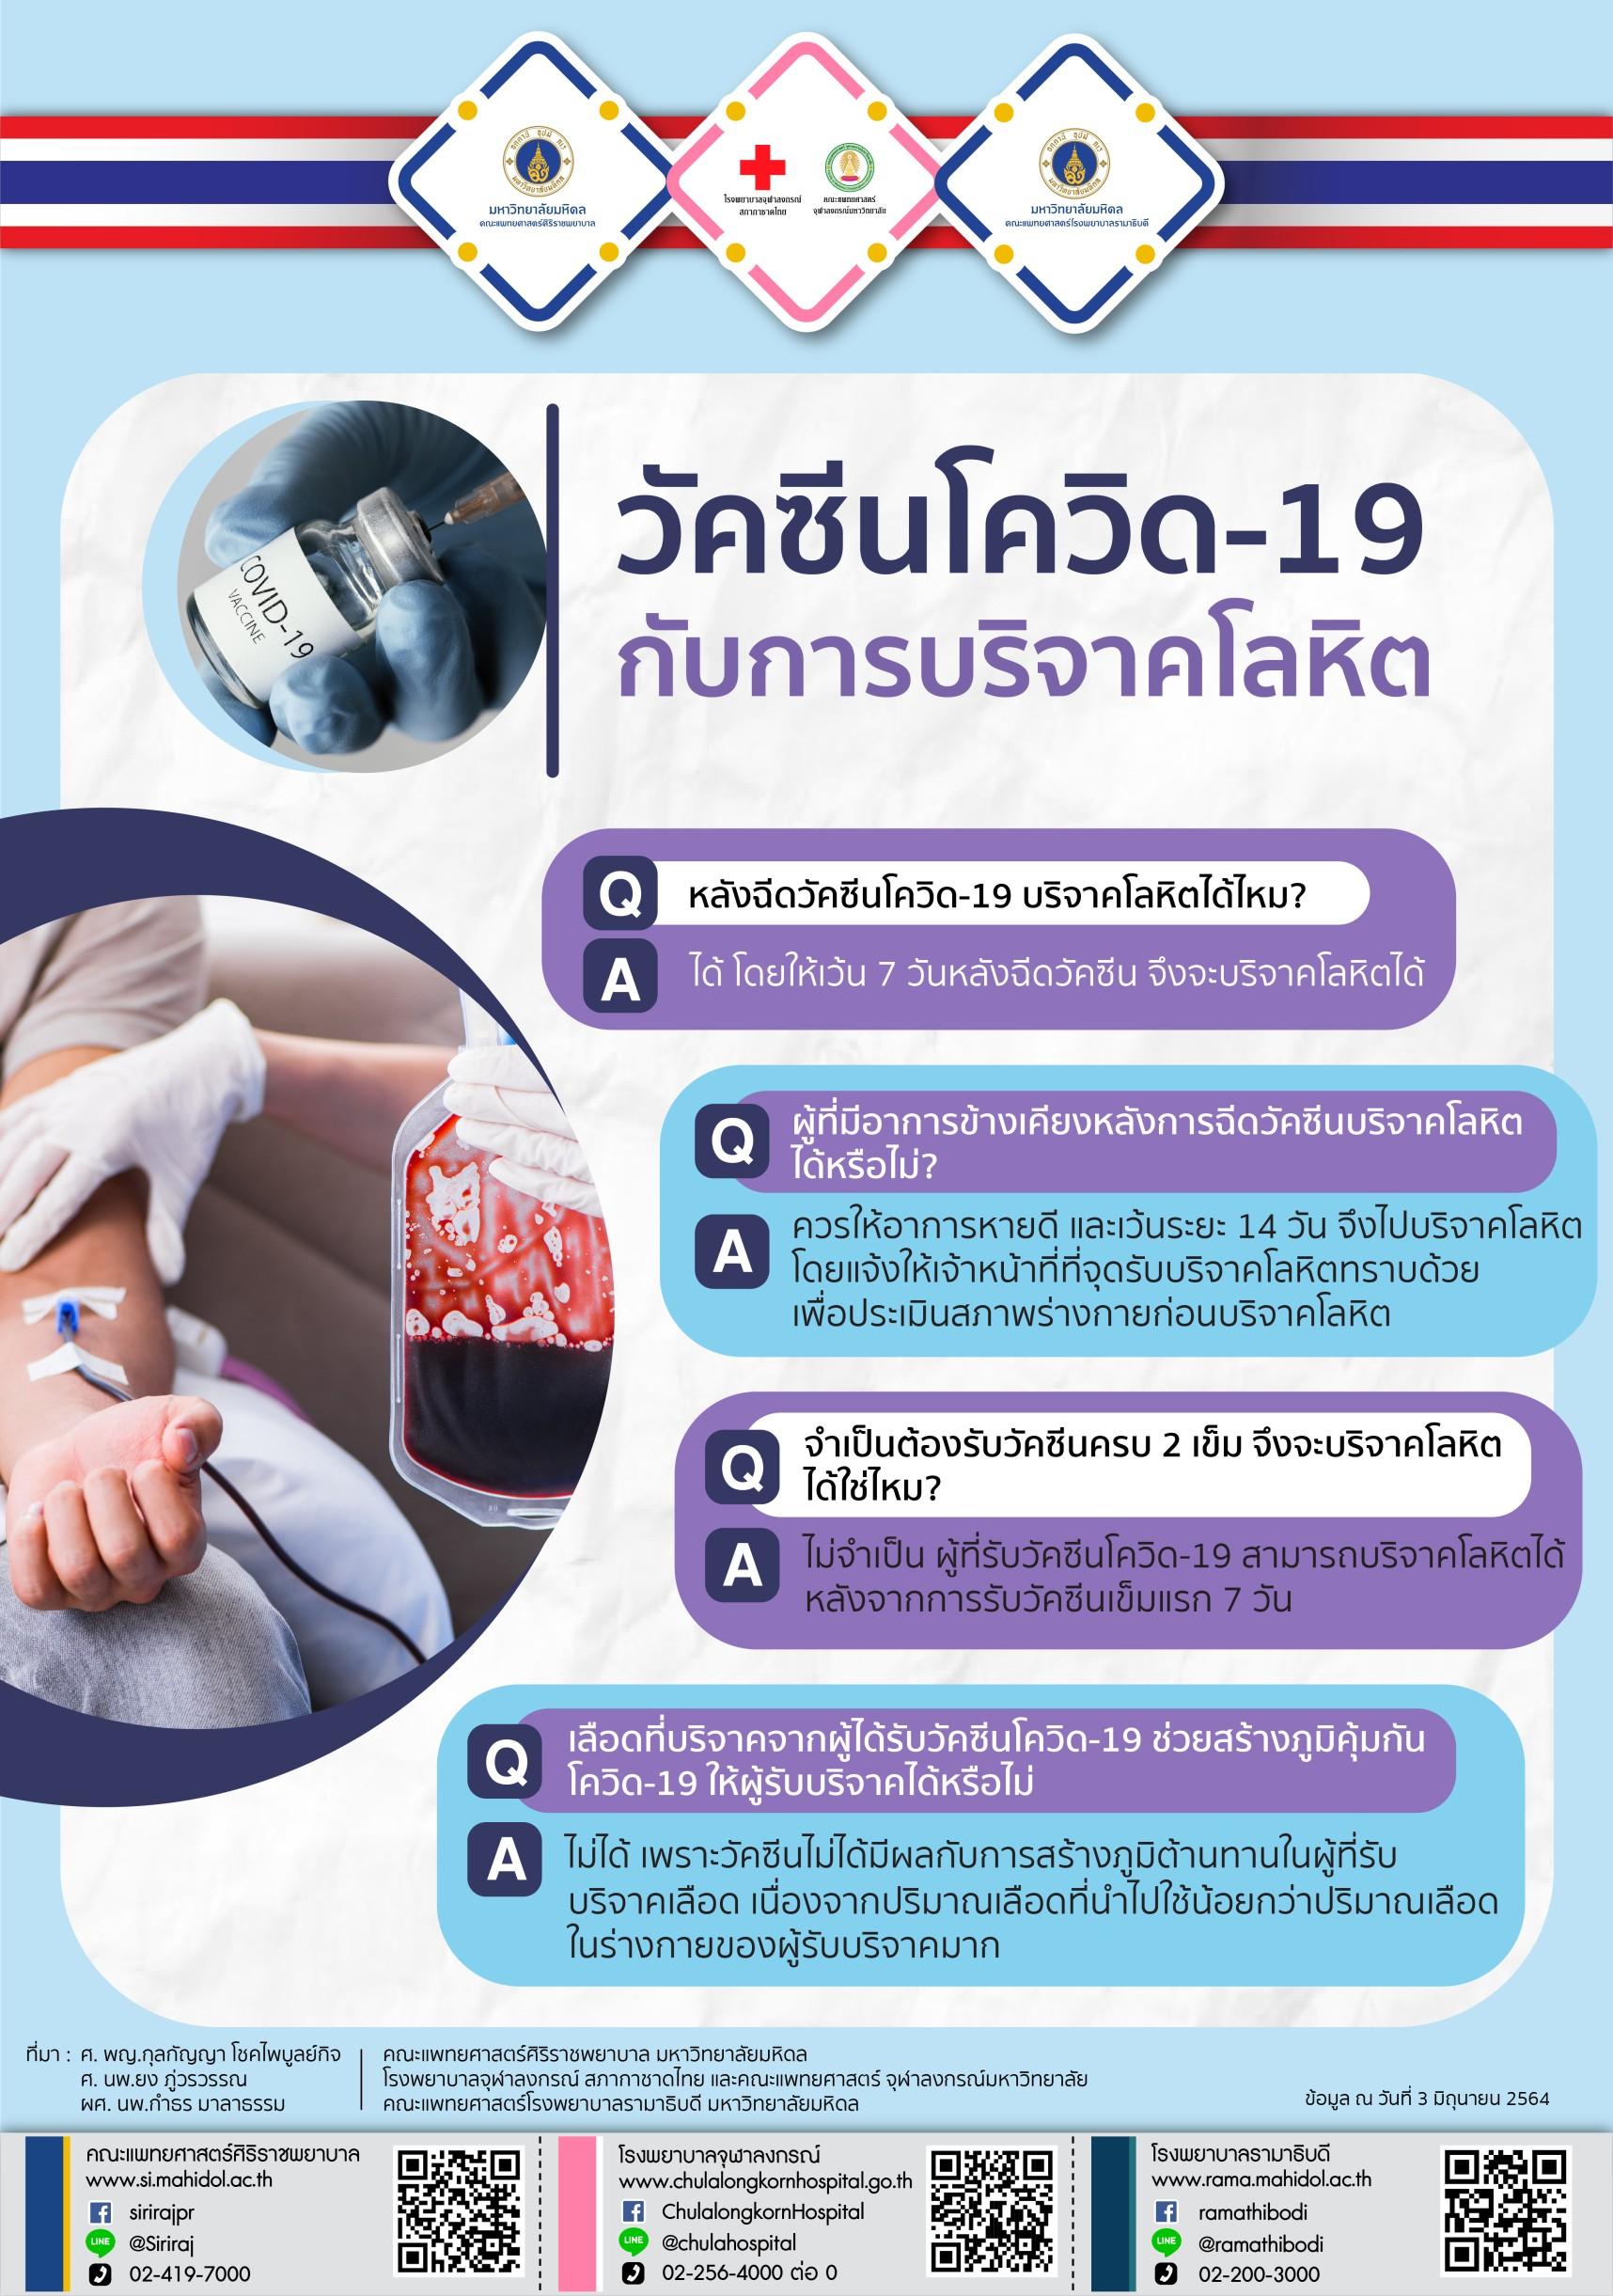 วัคซีนโควิด-19 กับการบริจาคโลหิต